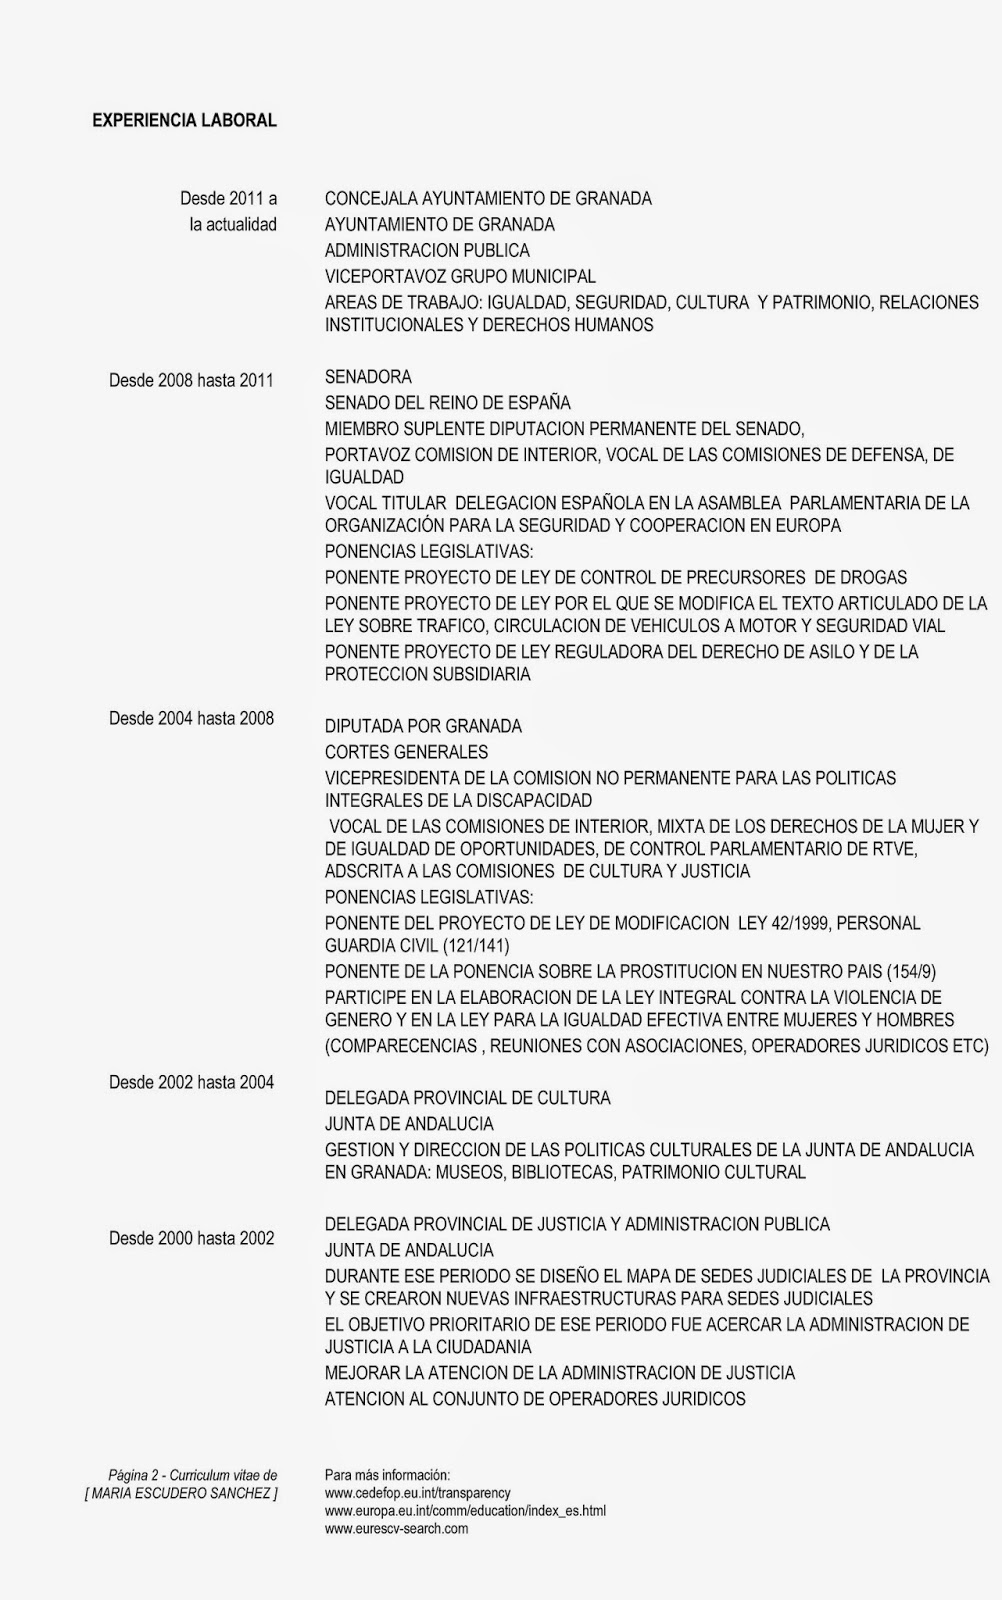 María Escudero Sánchez: Currículum Vitae